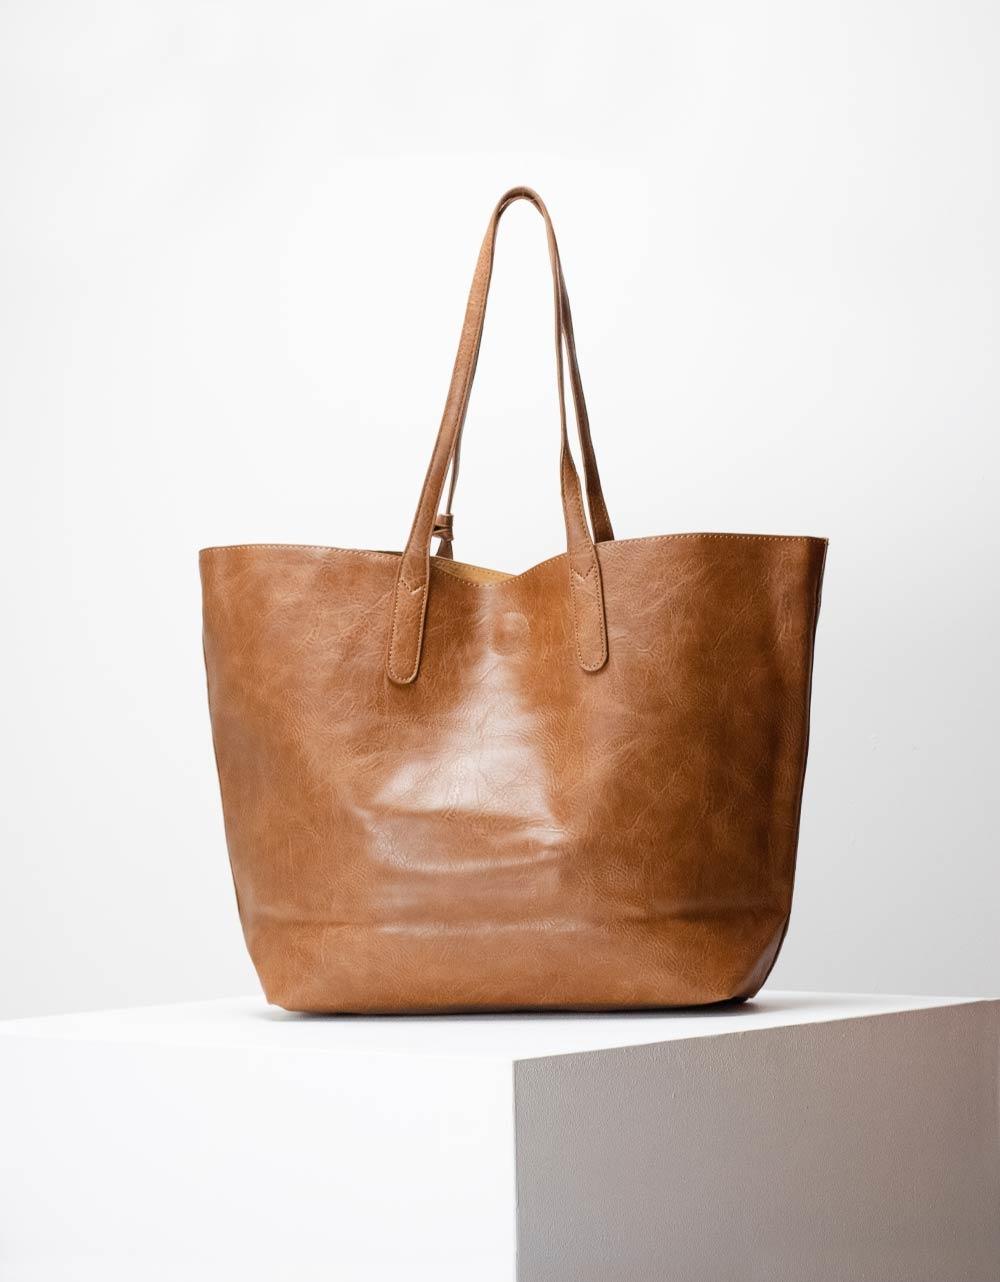 Εικόνα από Γυναικεία τσάντα ώμου σε απλή γραμμή μονόχρωμη Ταμπά